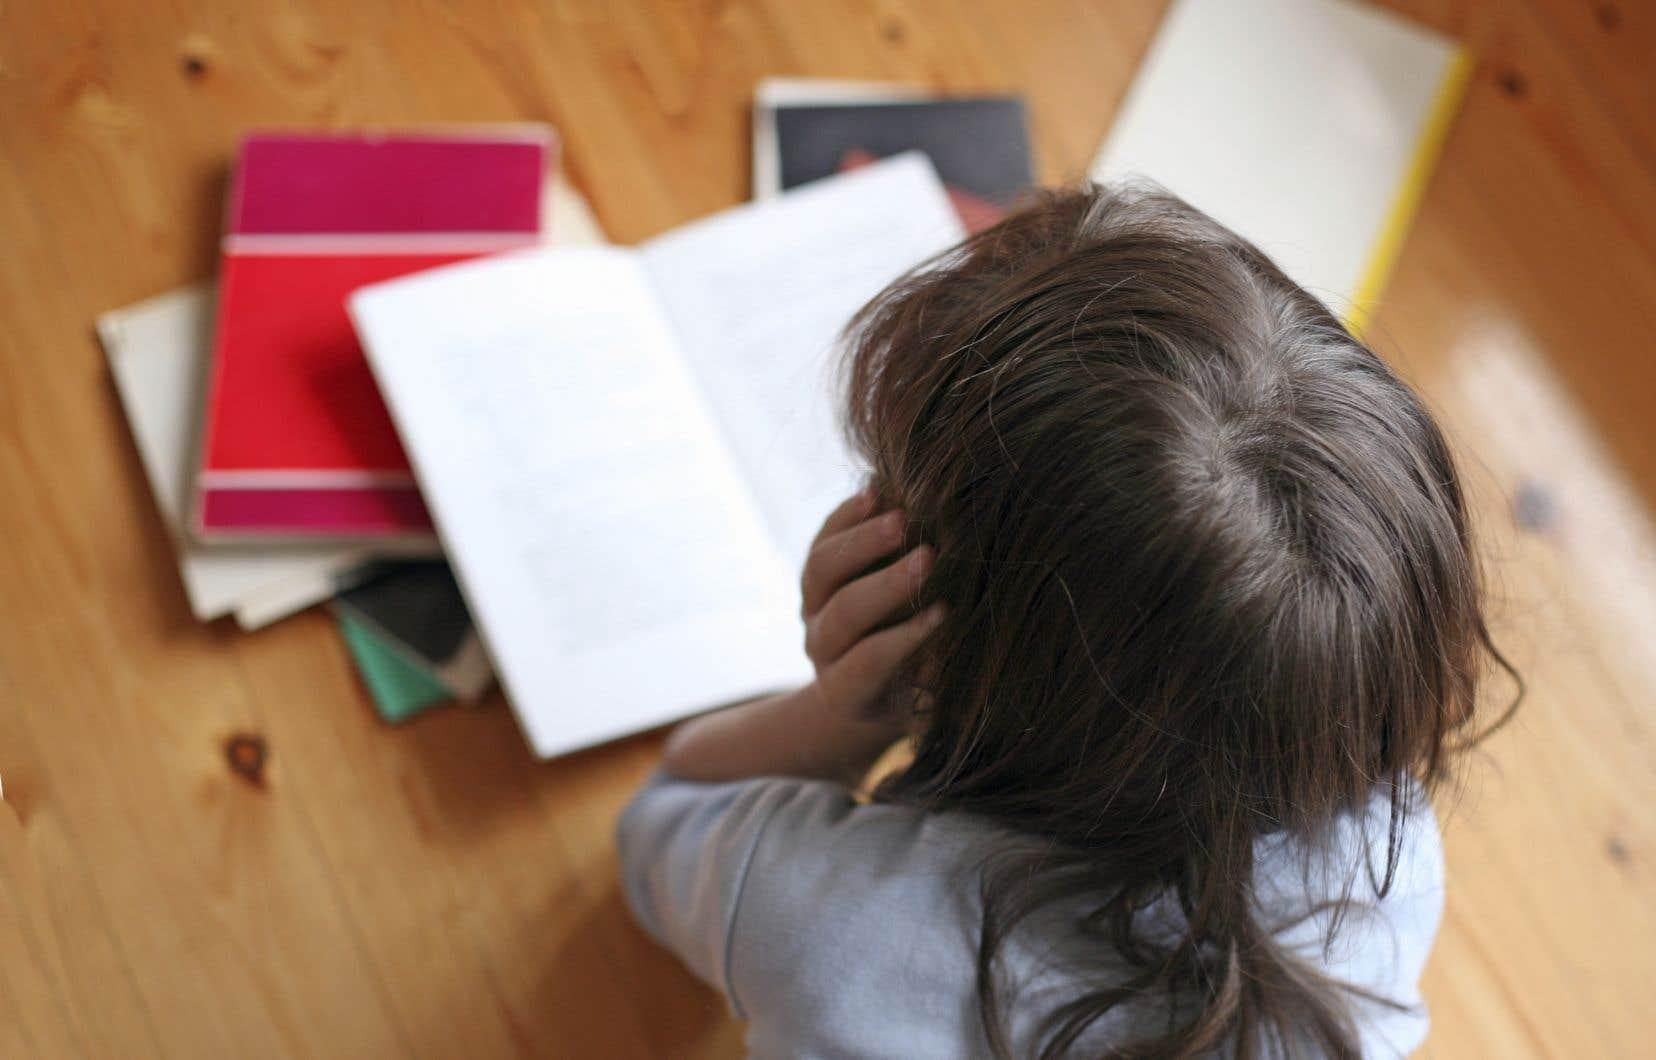 À l'aide d'un questionnaire en ligne, les chercheurs compareront le stress parental des parents ayant un enfant TDAH à celui des parents dont l'enfant n'a pas de TDAH.